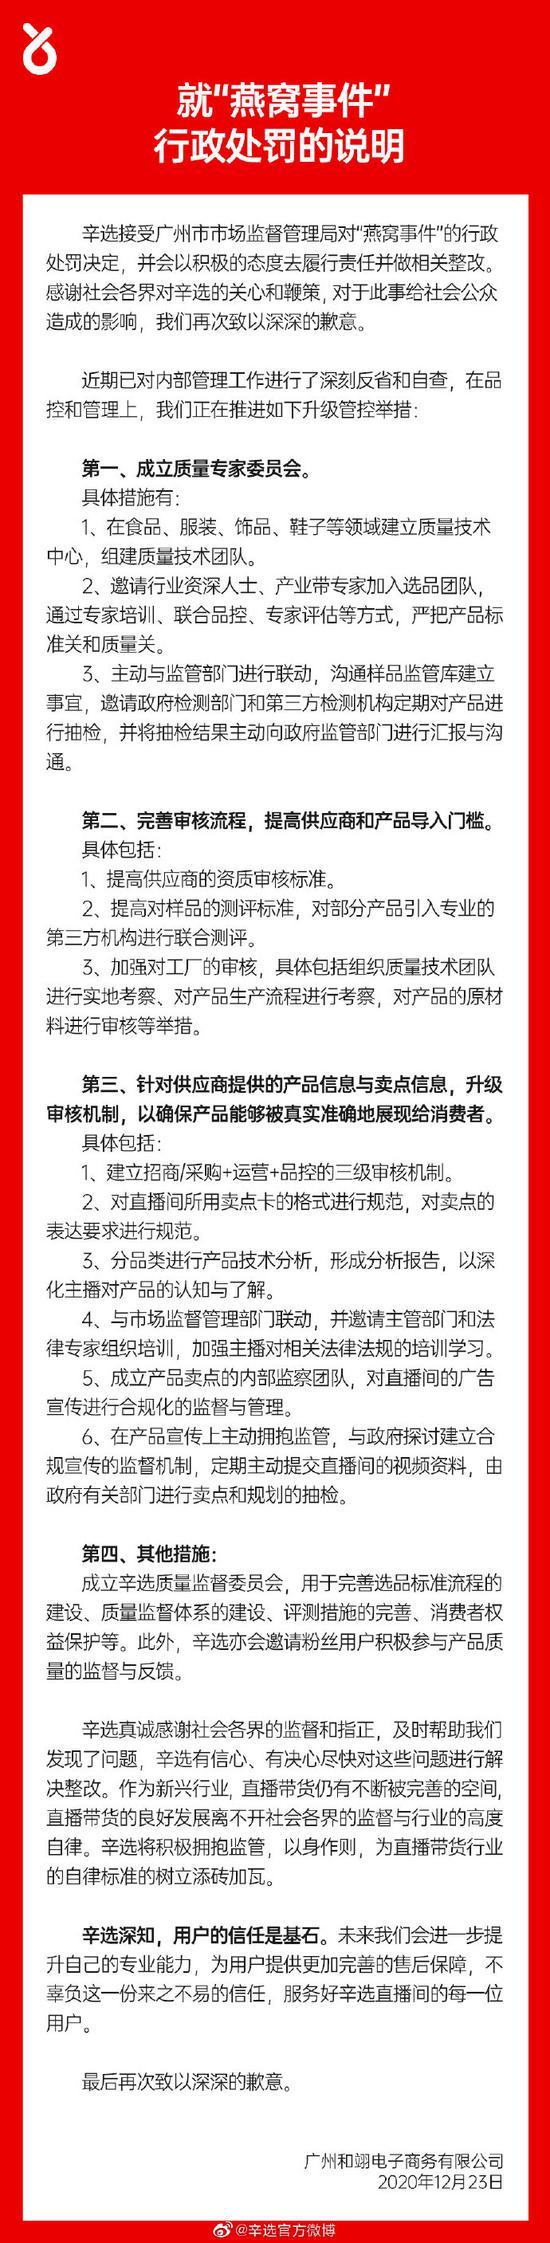 """辛选回应""""燕窝事件""""处罚:接受并积极整改"""